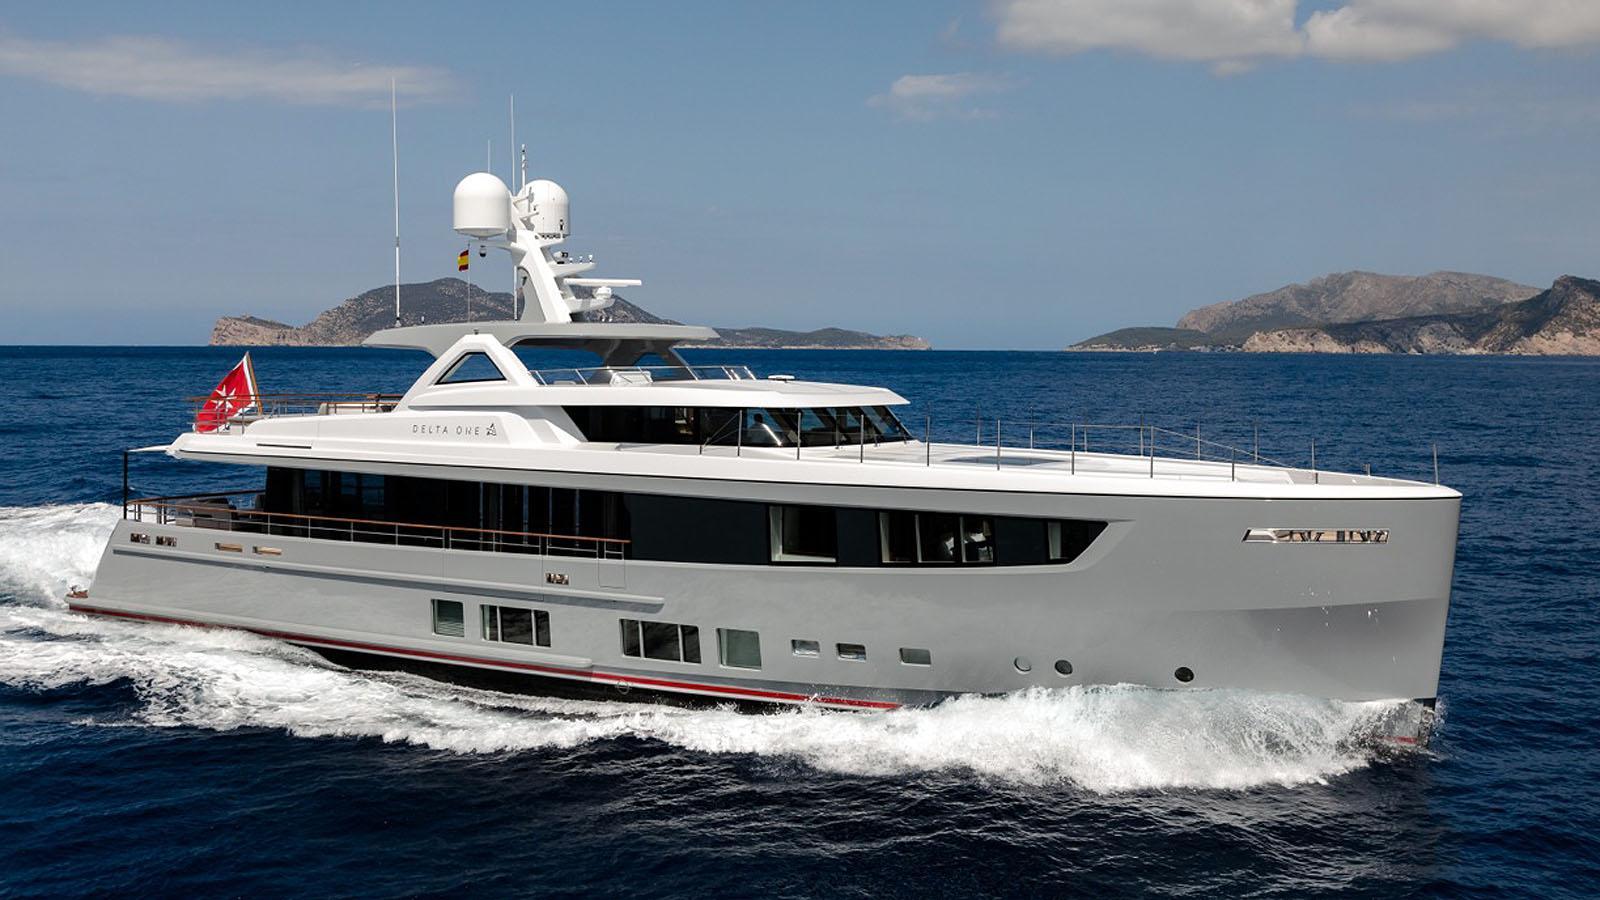 delta one bn105 motoryacht mulder 2017 36m half profile